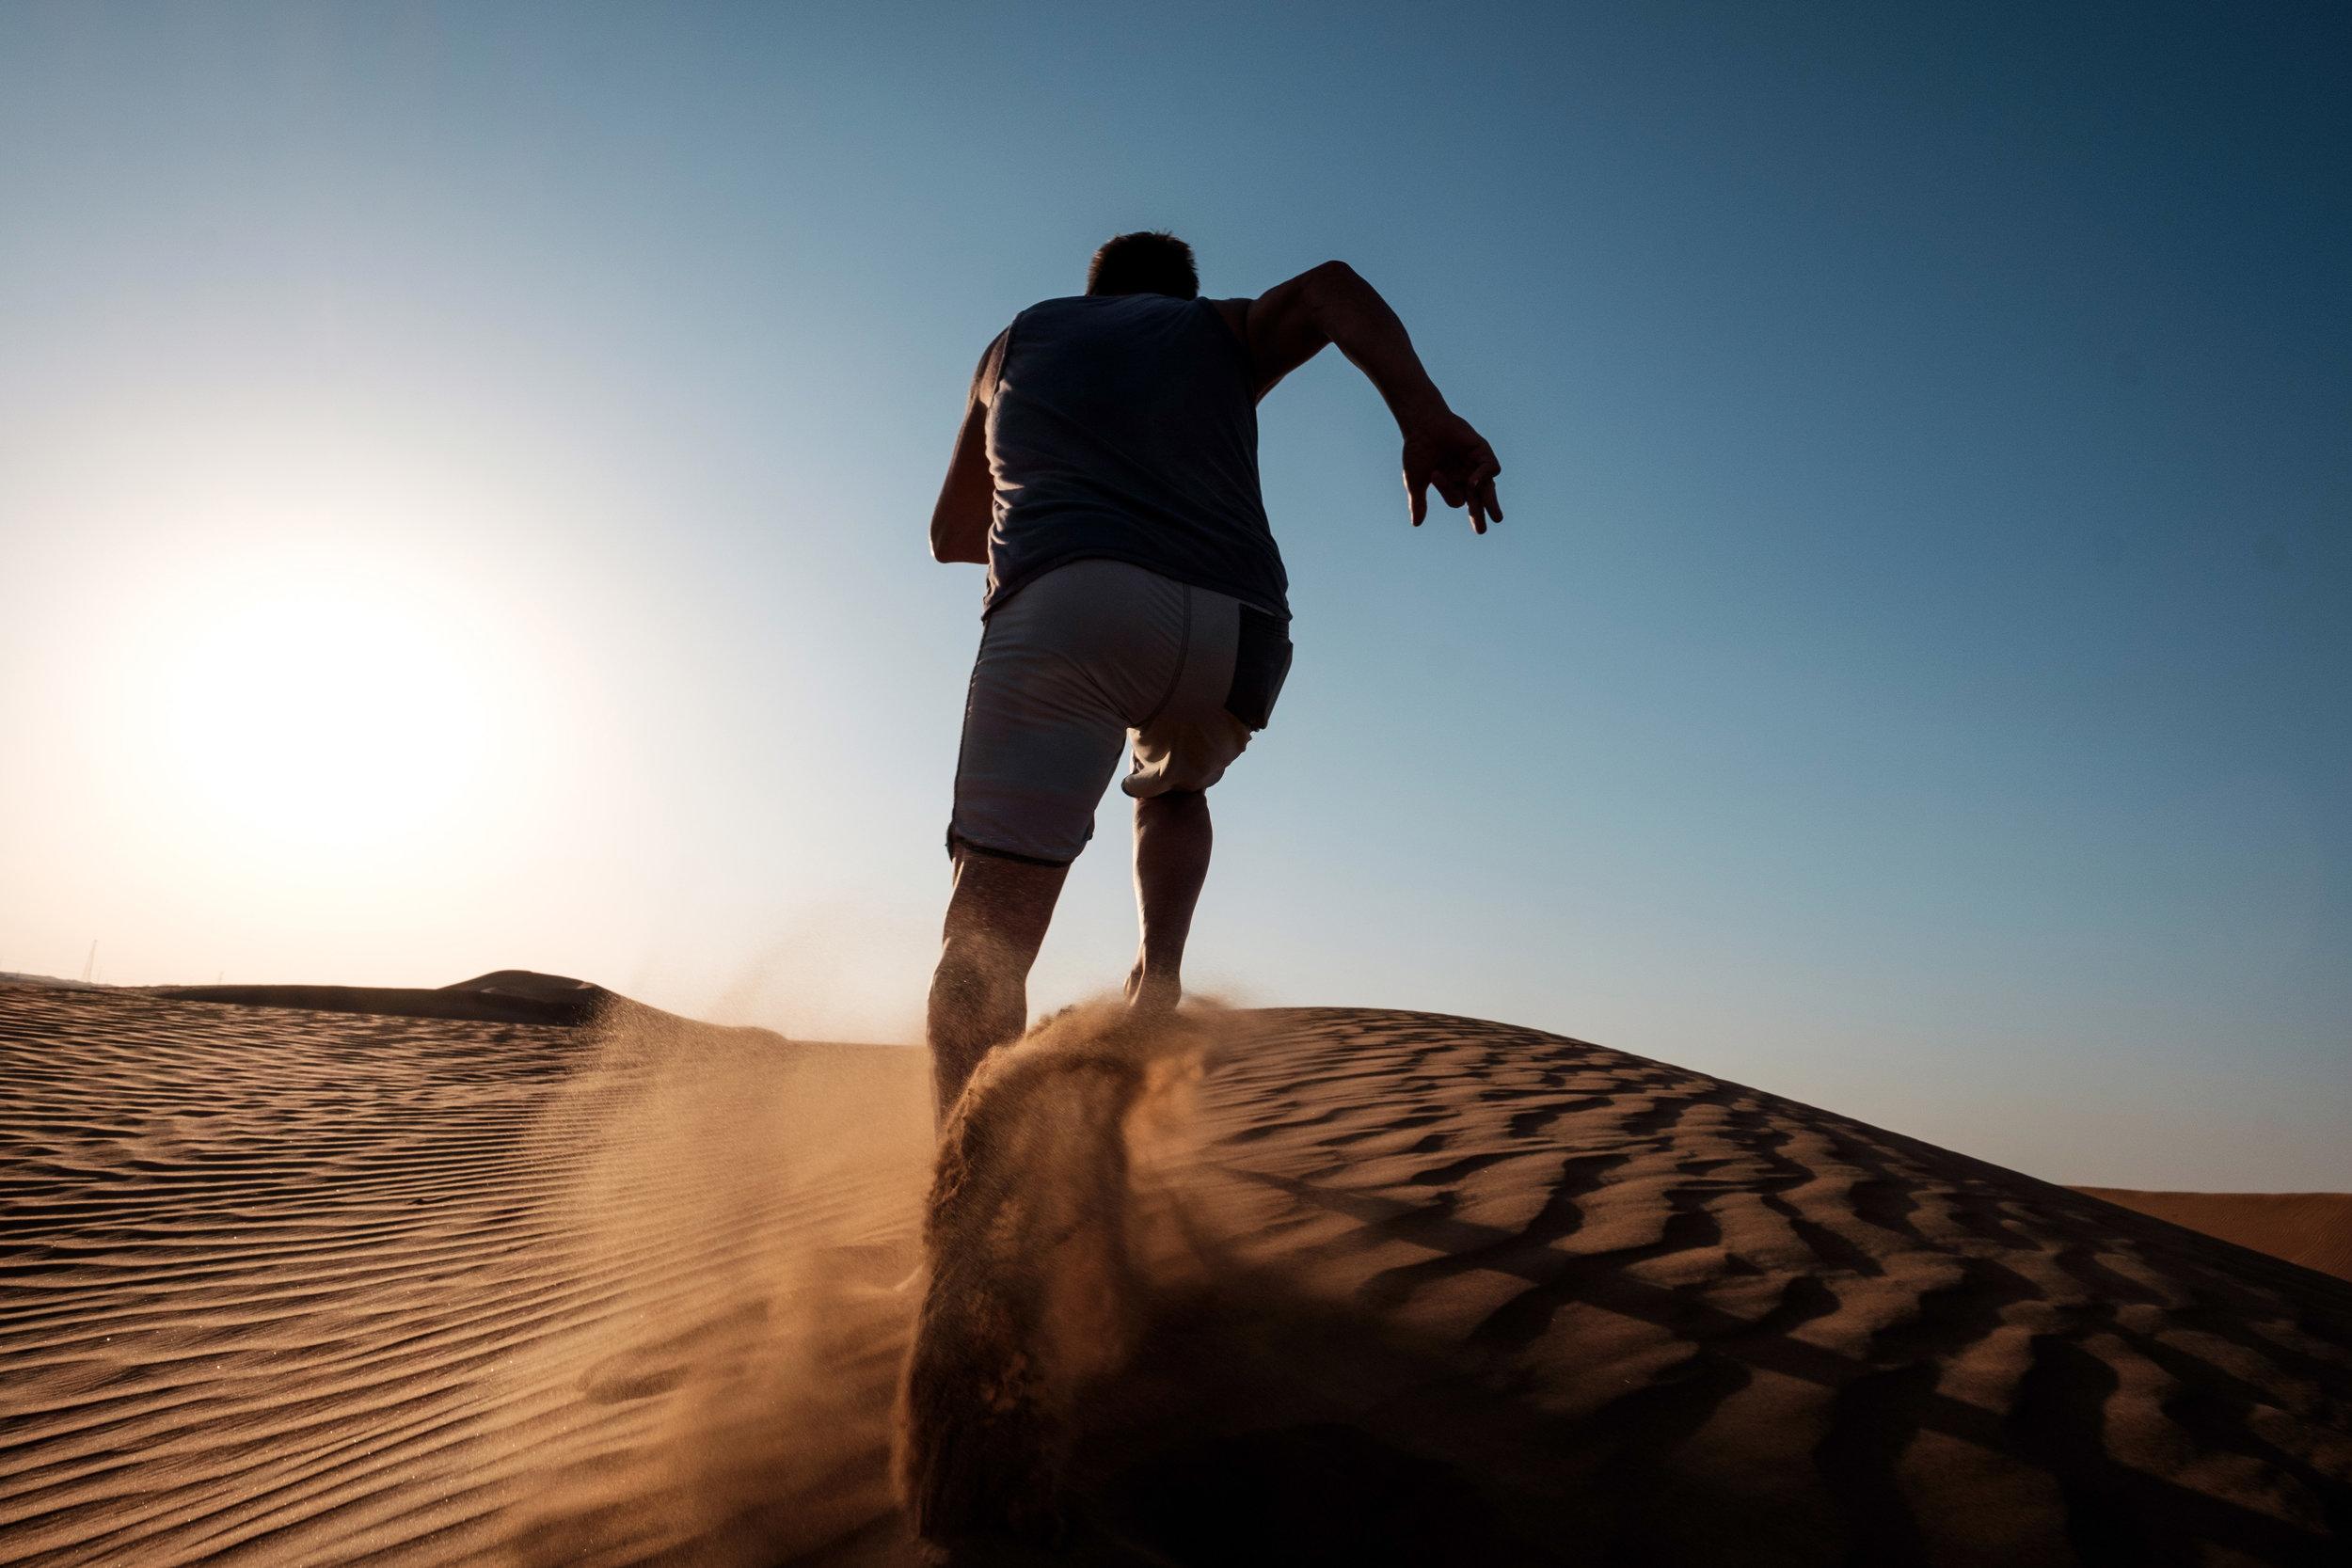 al-ain-desert-6446.jpg